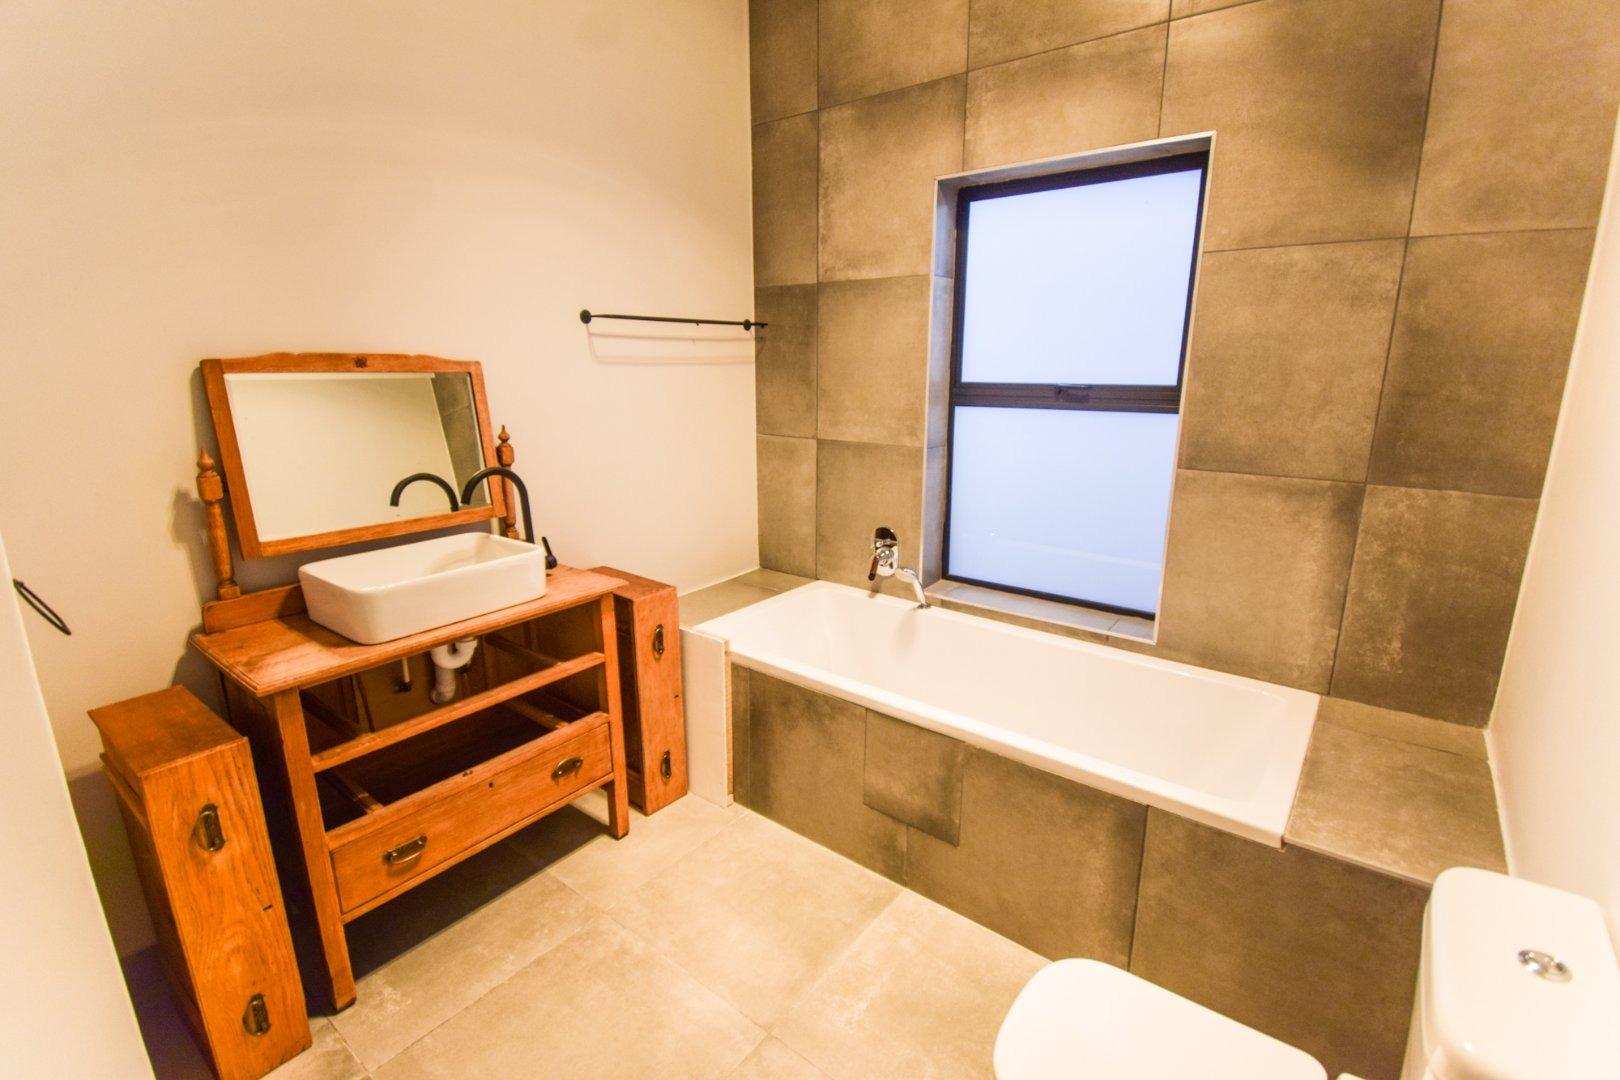 3 Bedroom House For Sale in Aan de Wijnlanden